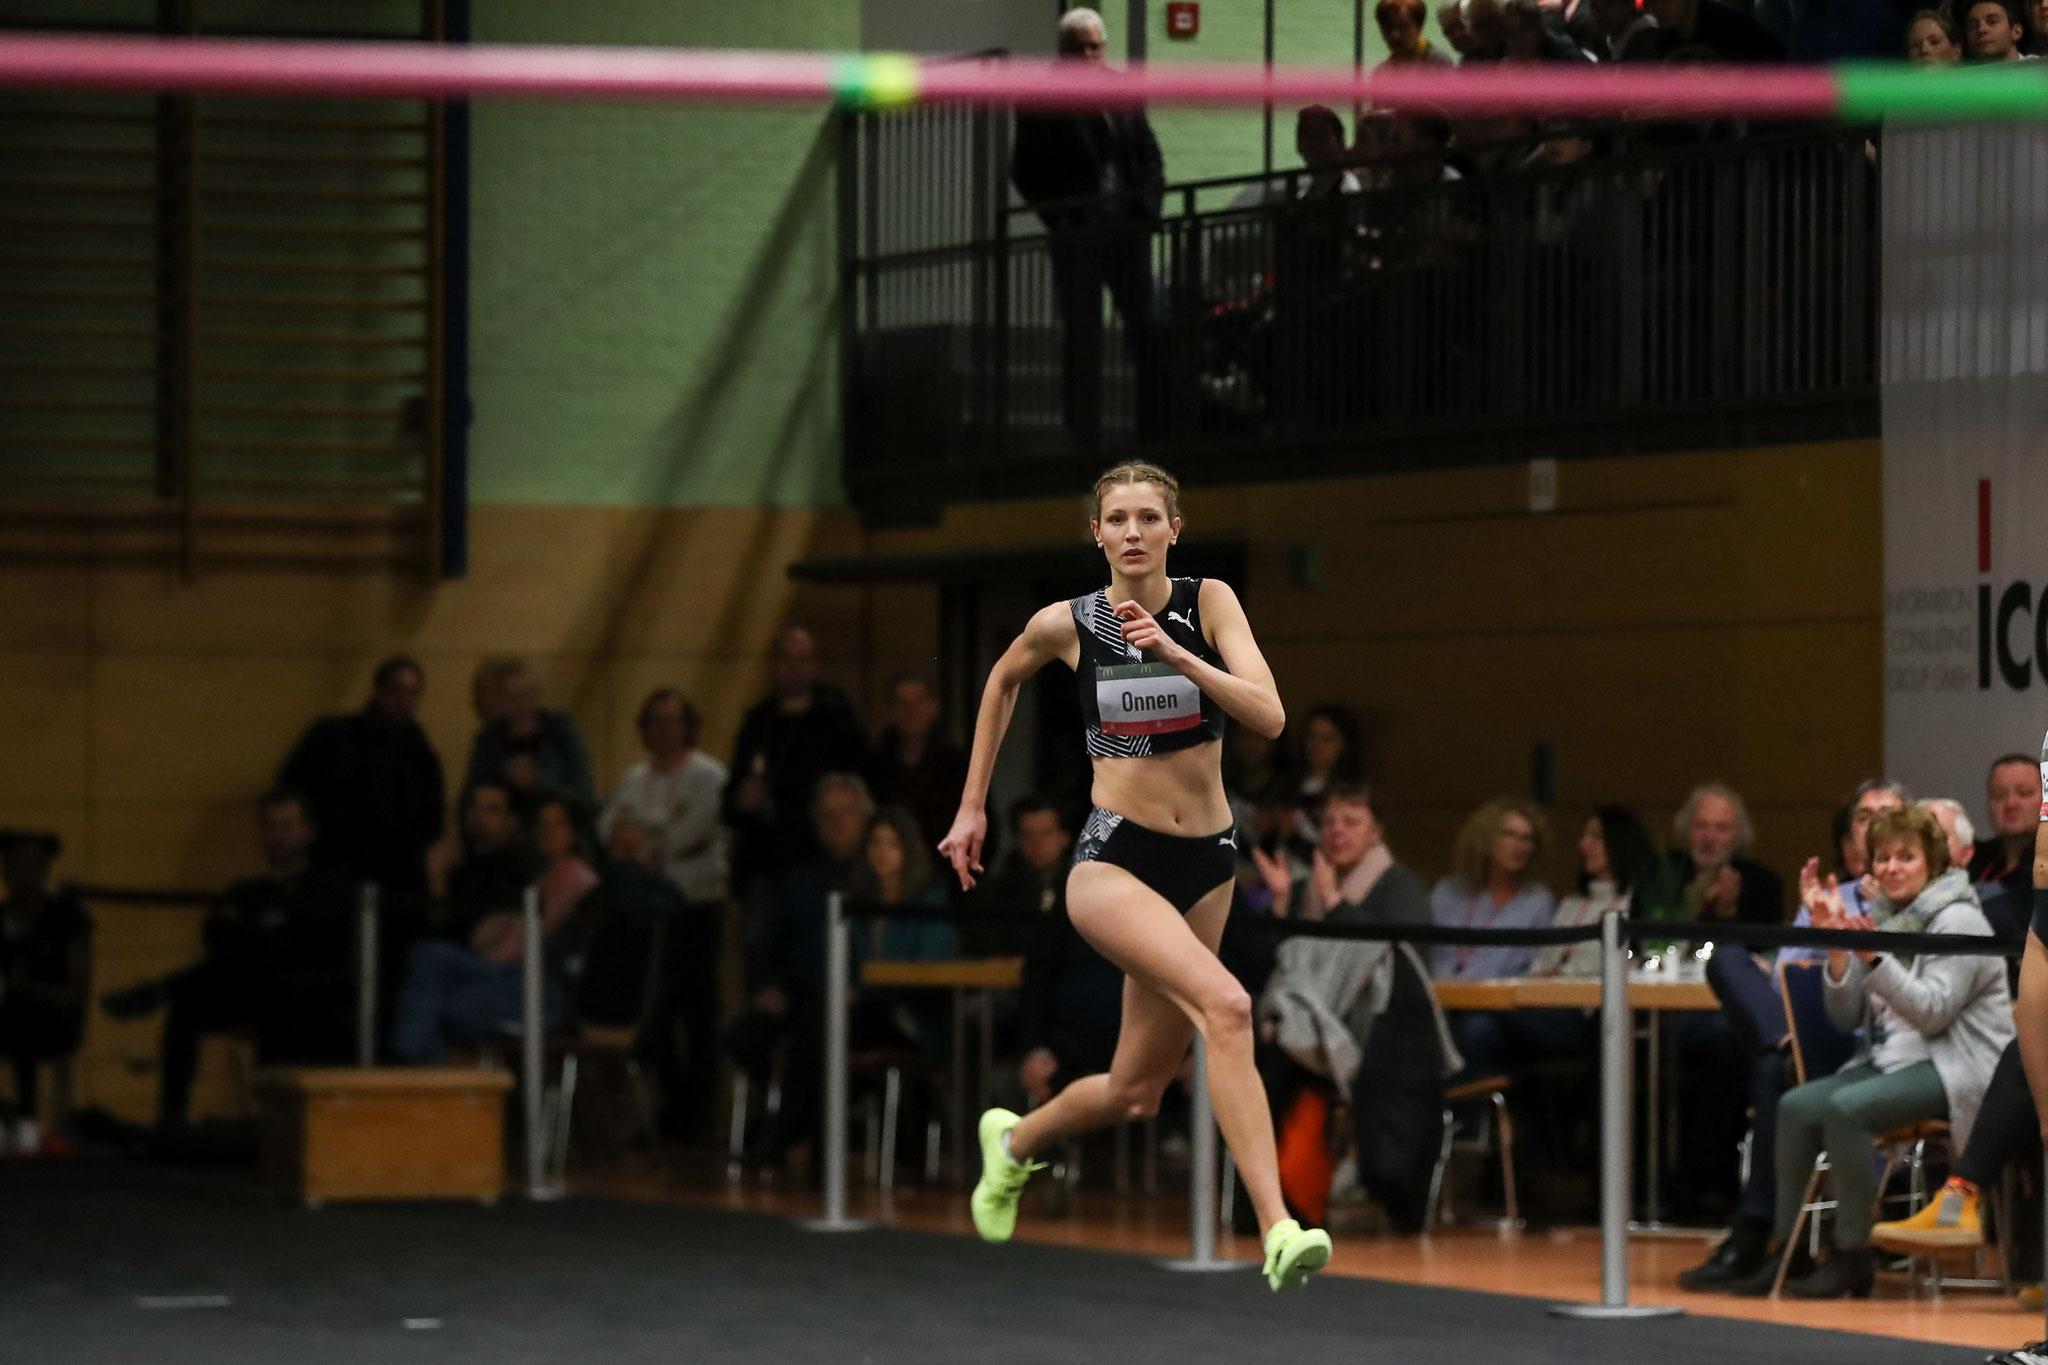 Imke Onnen (Foto: Footcorner/Dirk Fußwinkel)